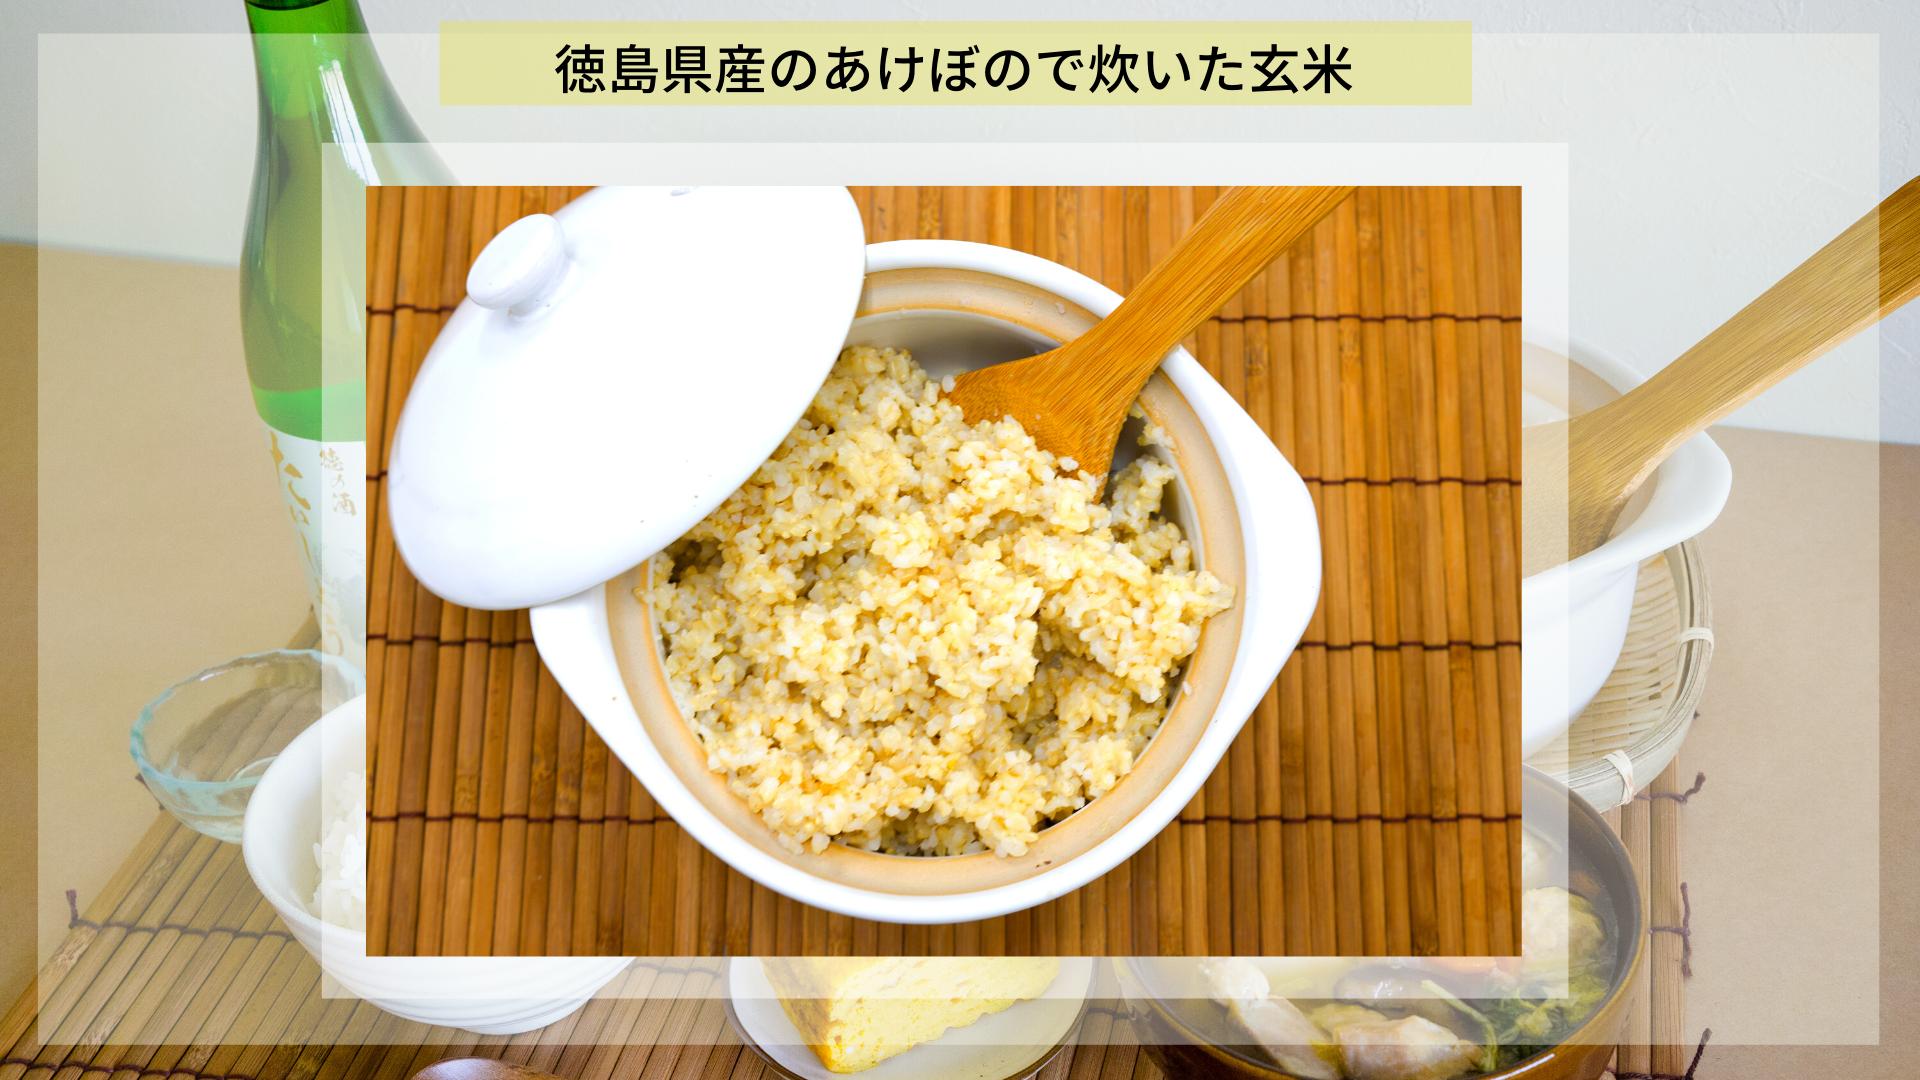 木村秋則式自然栽培にて育てたあけぼので炊いた玄米